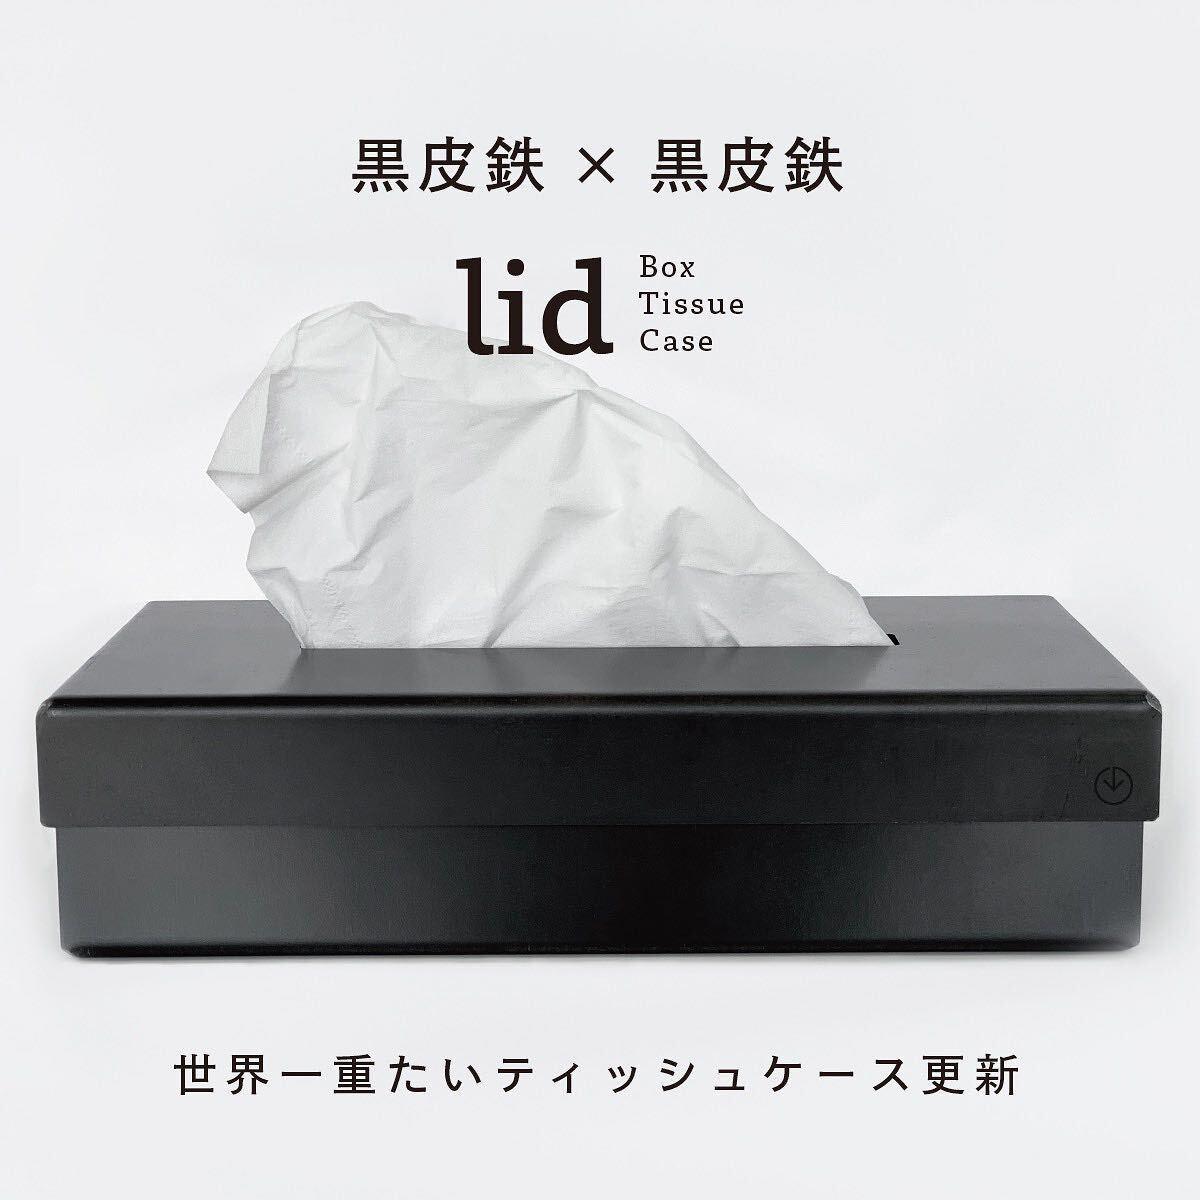 GRAVIRoN lid Box Tissue Case 黒皮鉄×黒皮鉄(ティッシュケース)